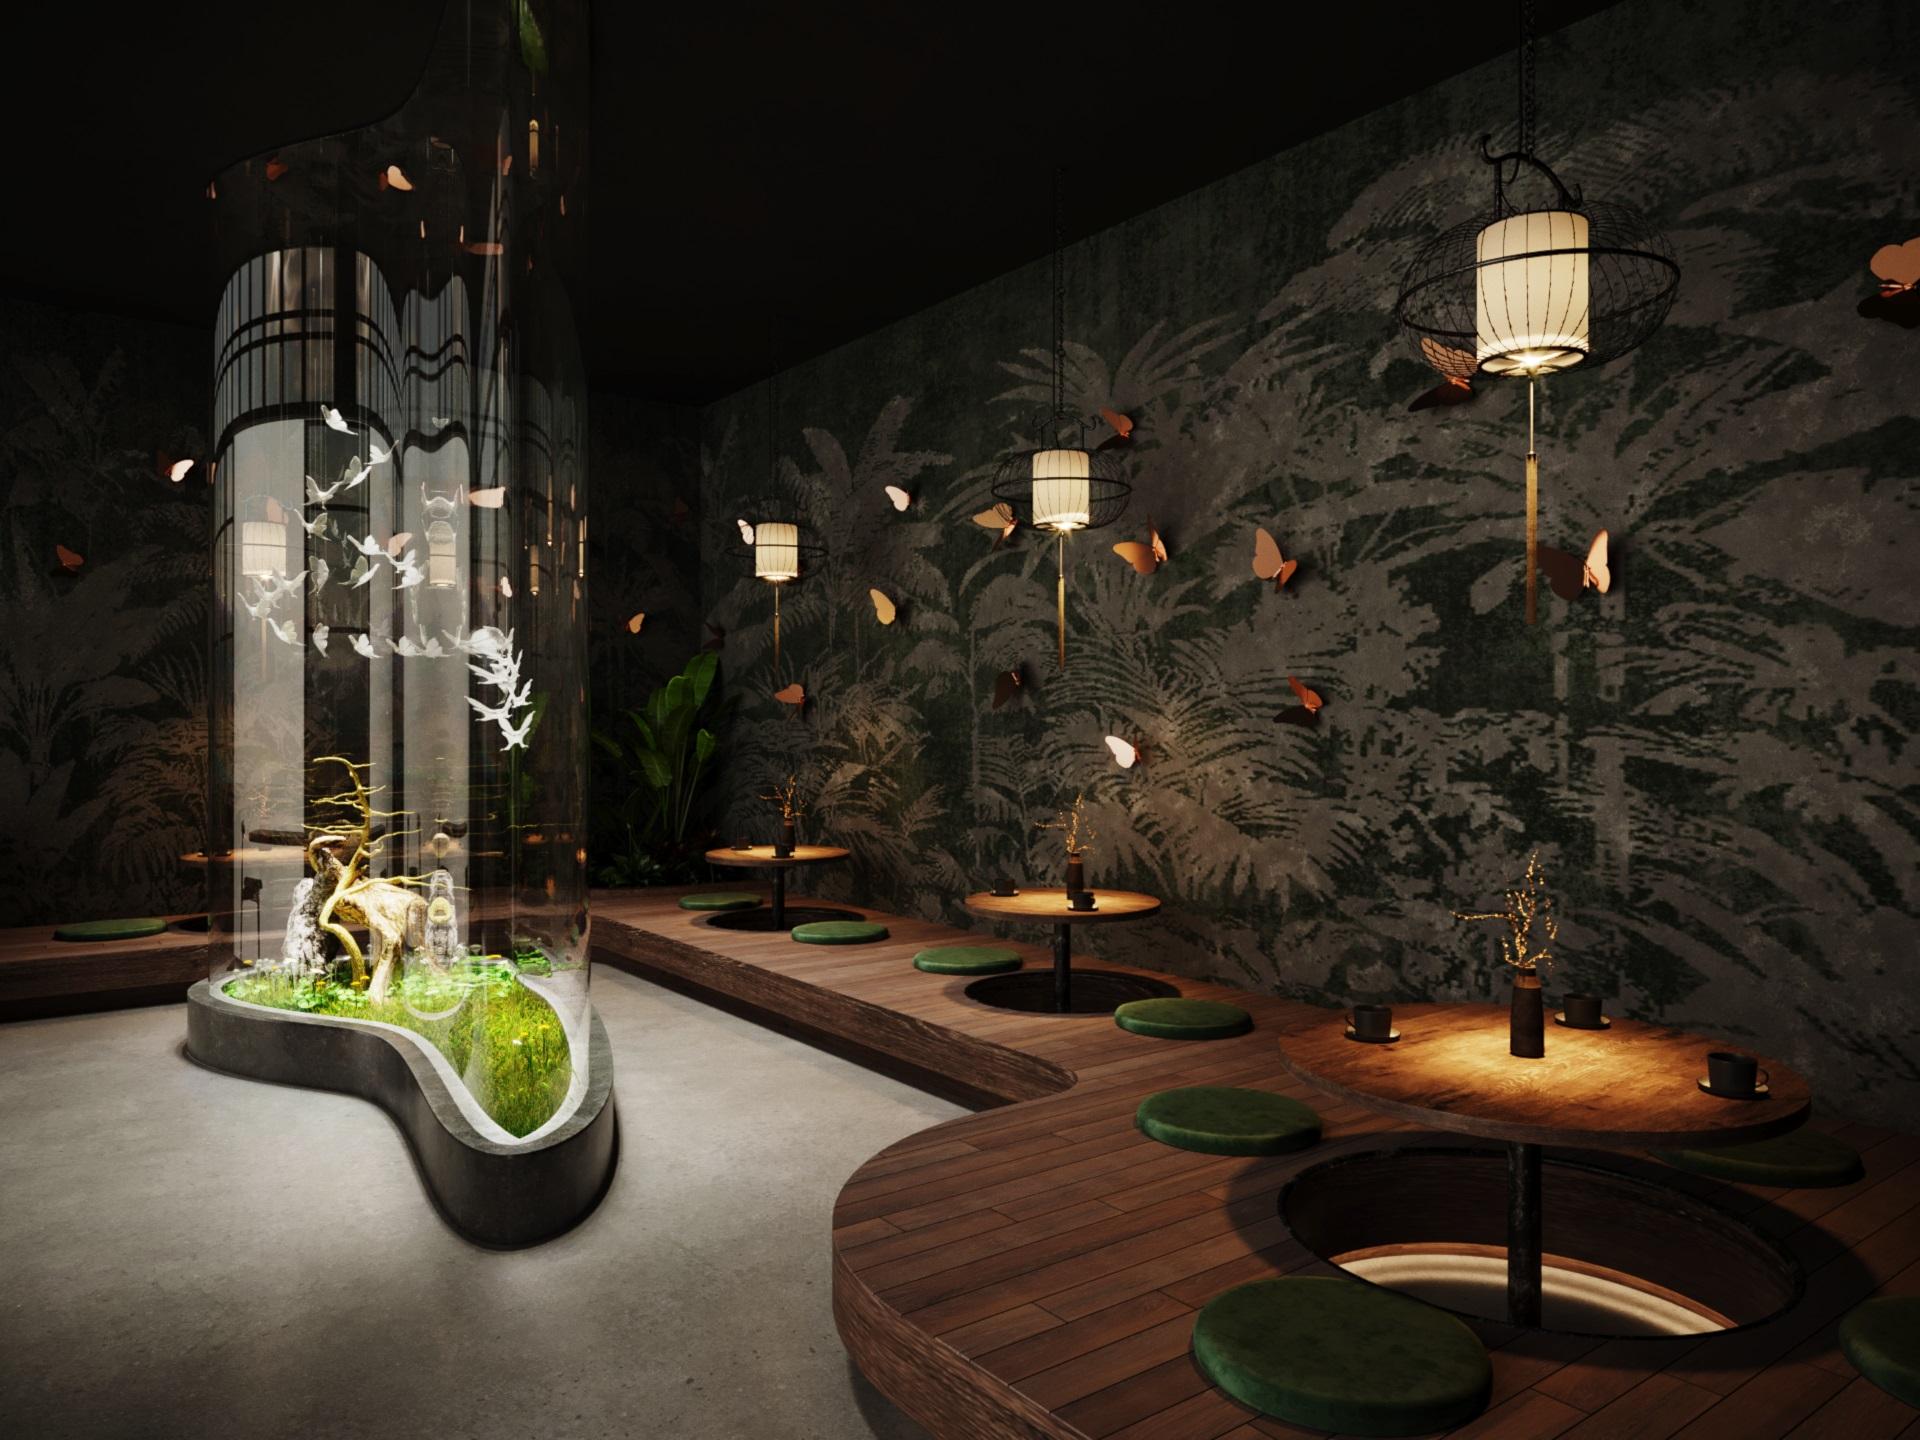 thiết kế nội thất Cafe tại Hà Nội caffee koi 24 1569649993